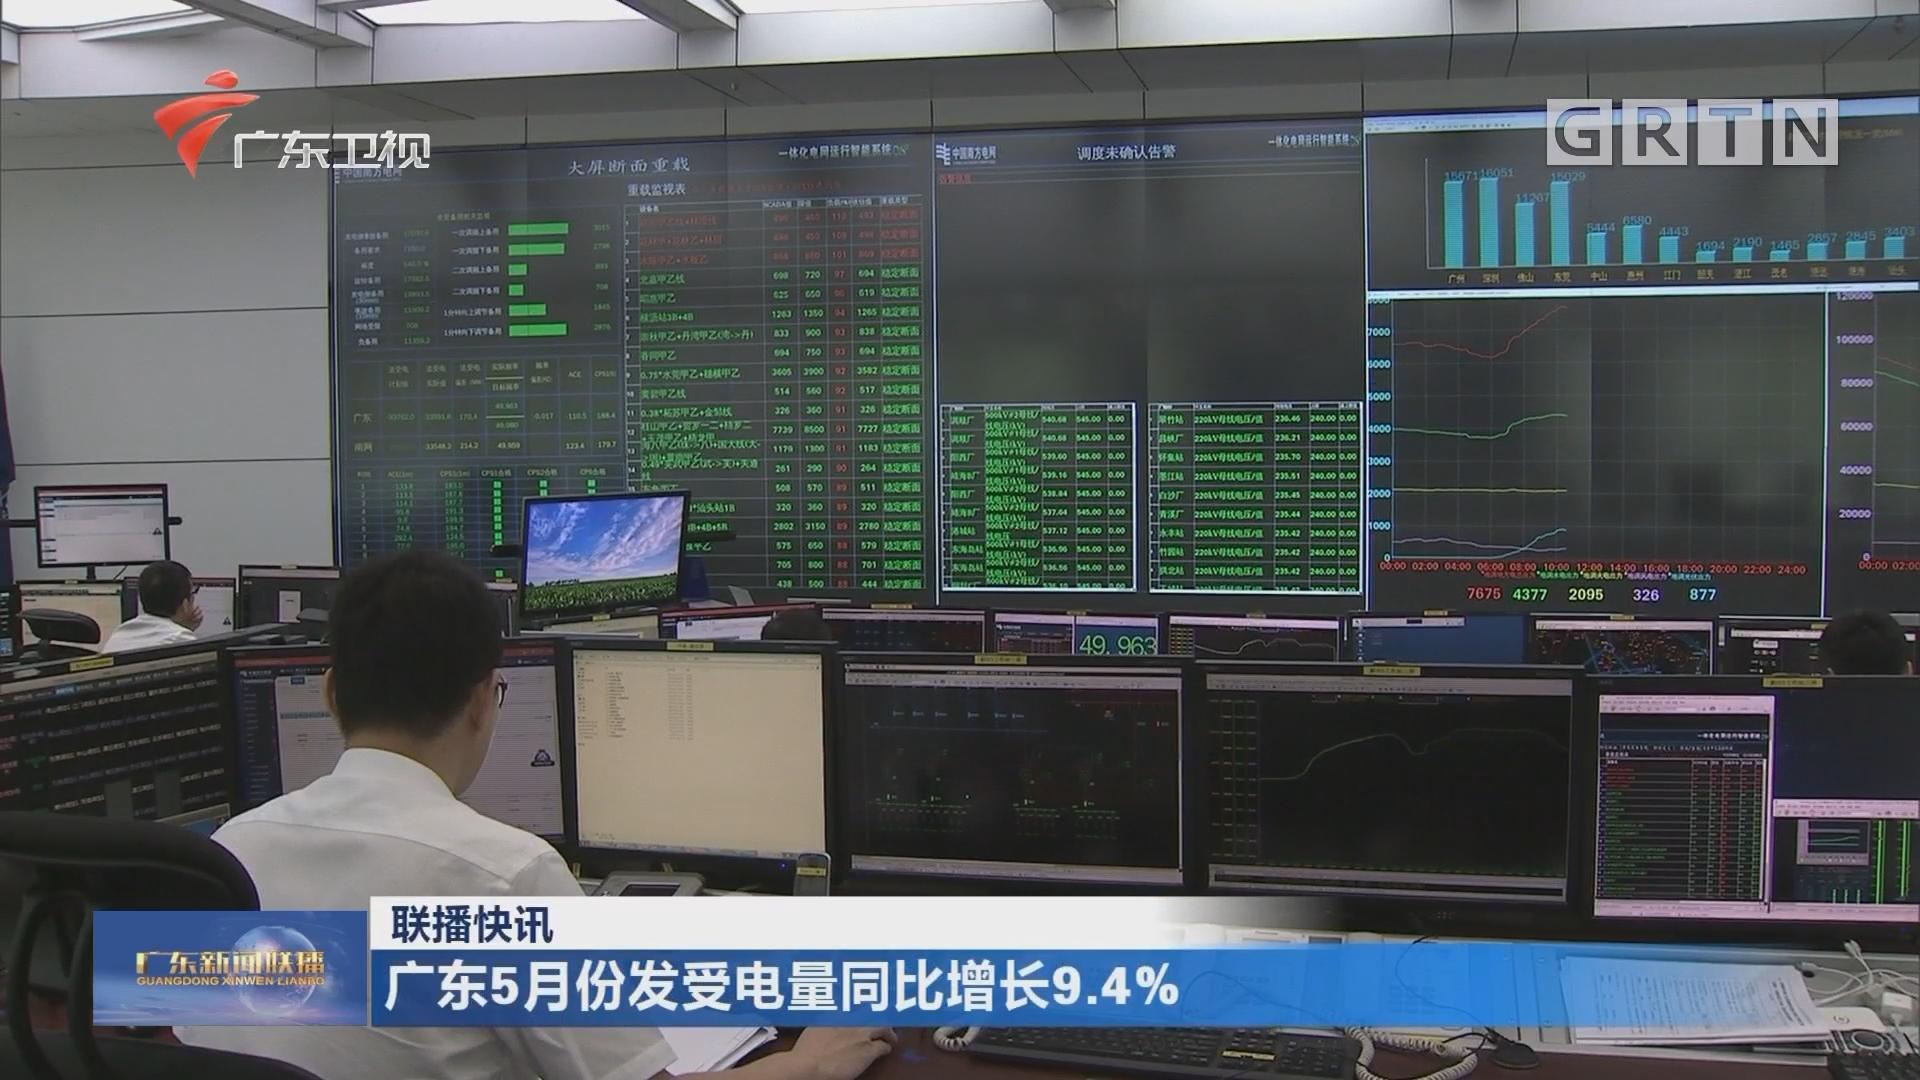 广东5月份发受电量同比增长9.4%